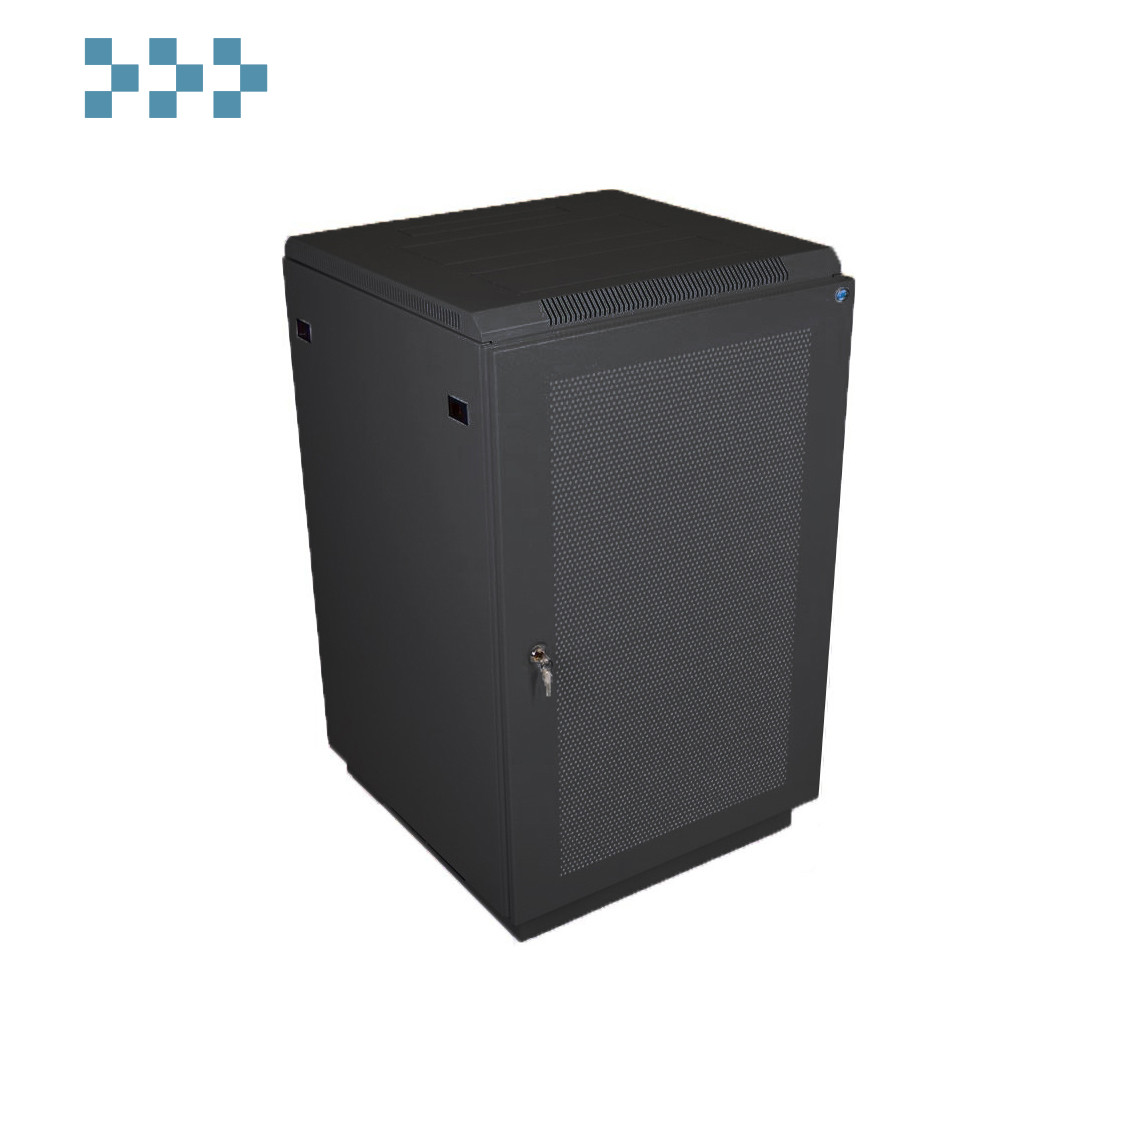 Шкаф телекоммуникационный напольный 22U ЦМО ШТК-М-22.6.10-44АА-9005